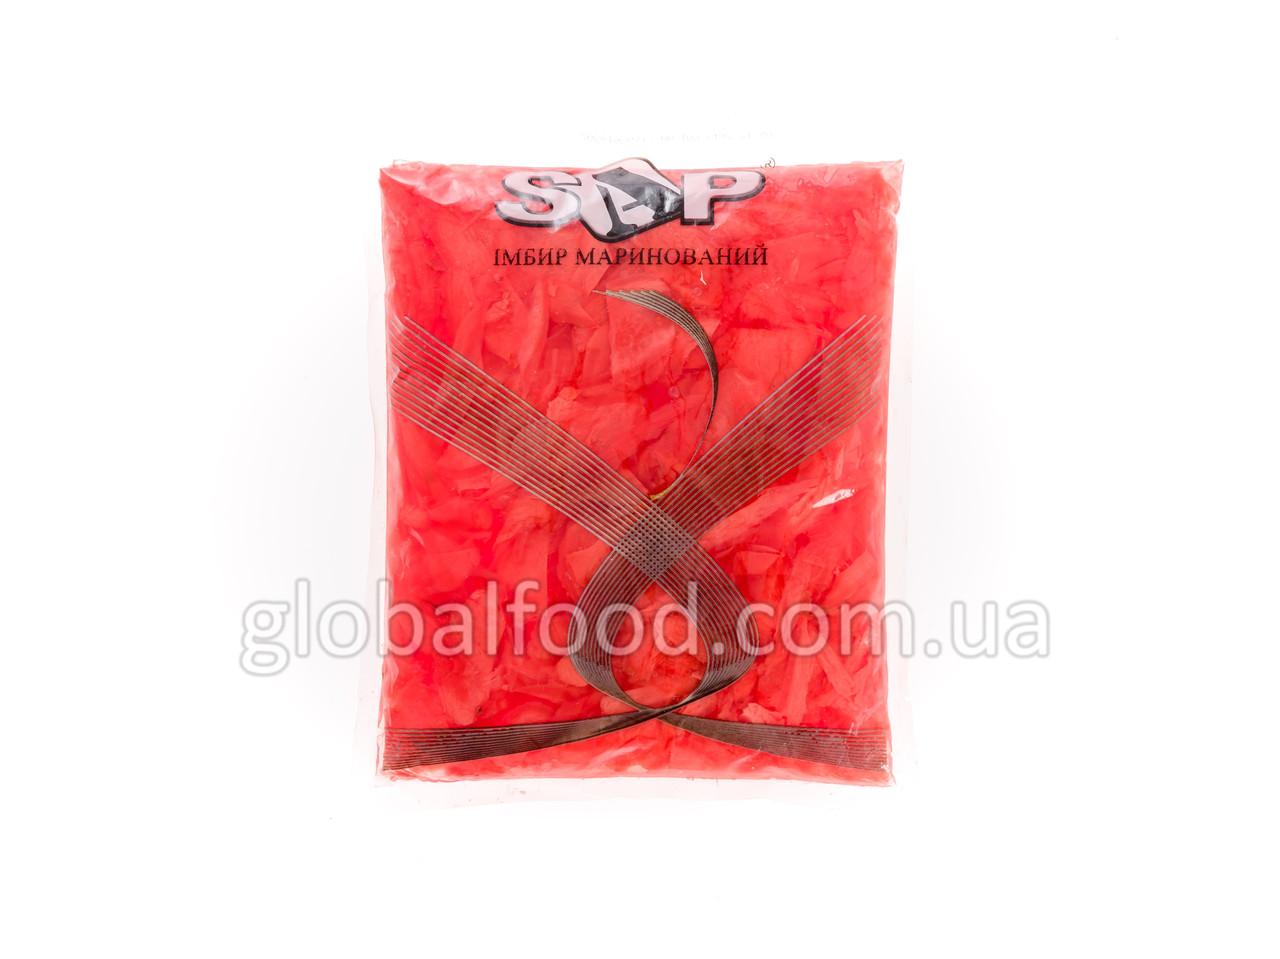 Имбирь Маринованный Розовый SAP 1кг